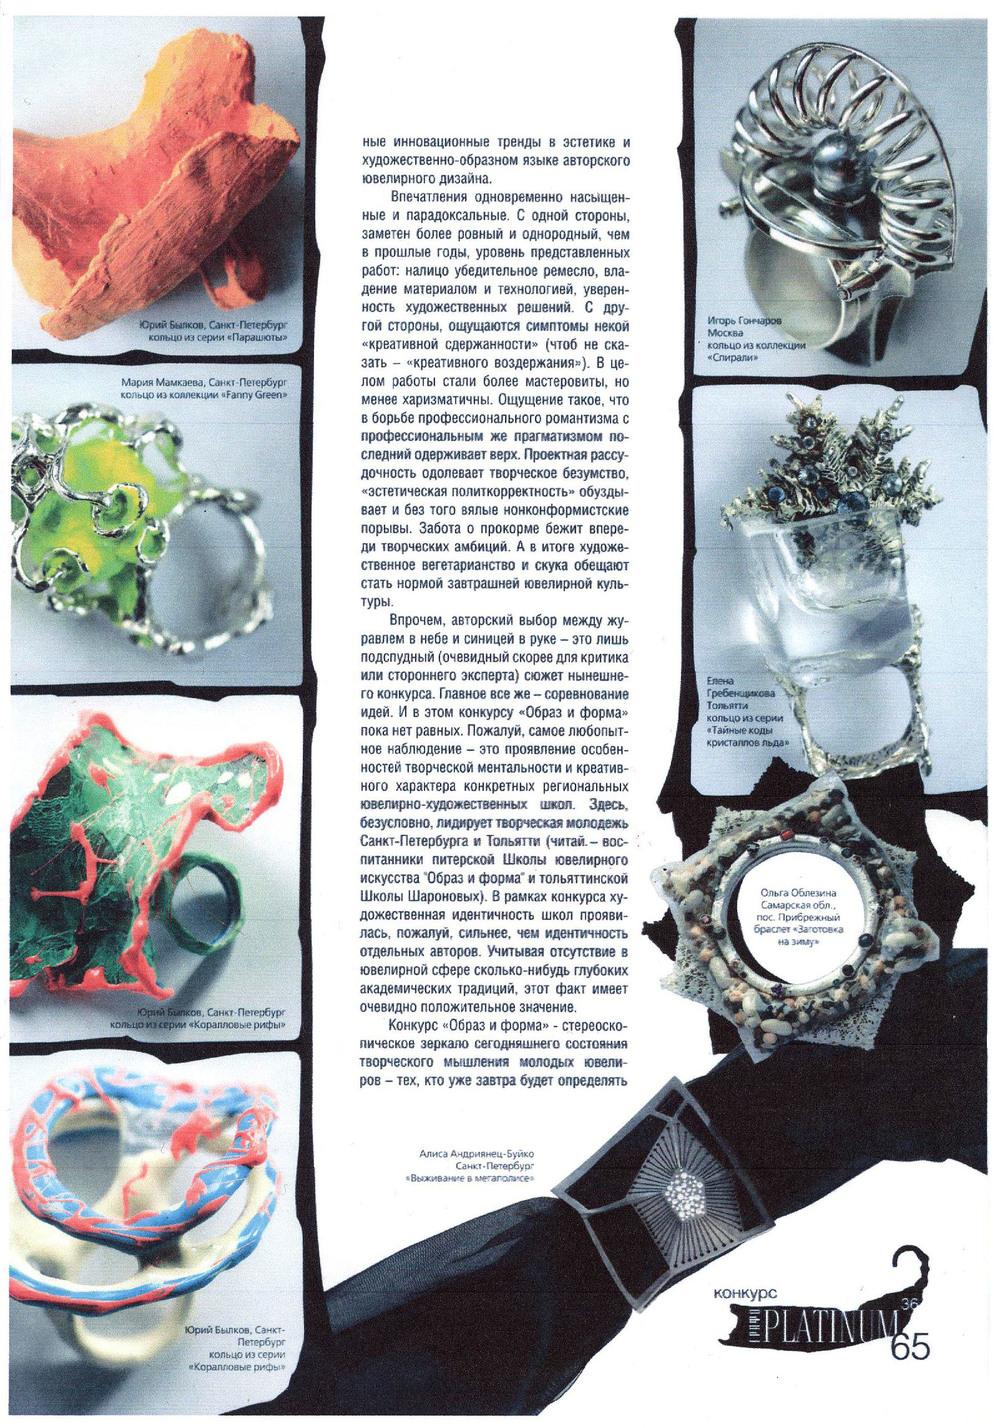 Ювелирный журнал PLATINUM № 36, Осень 2010 г.